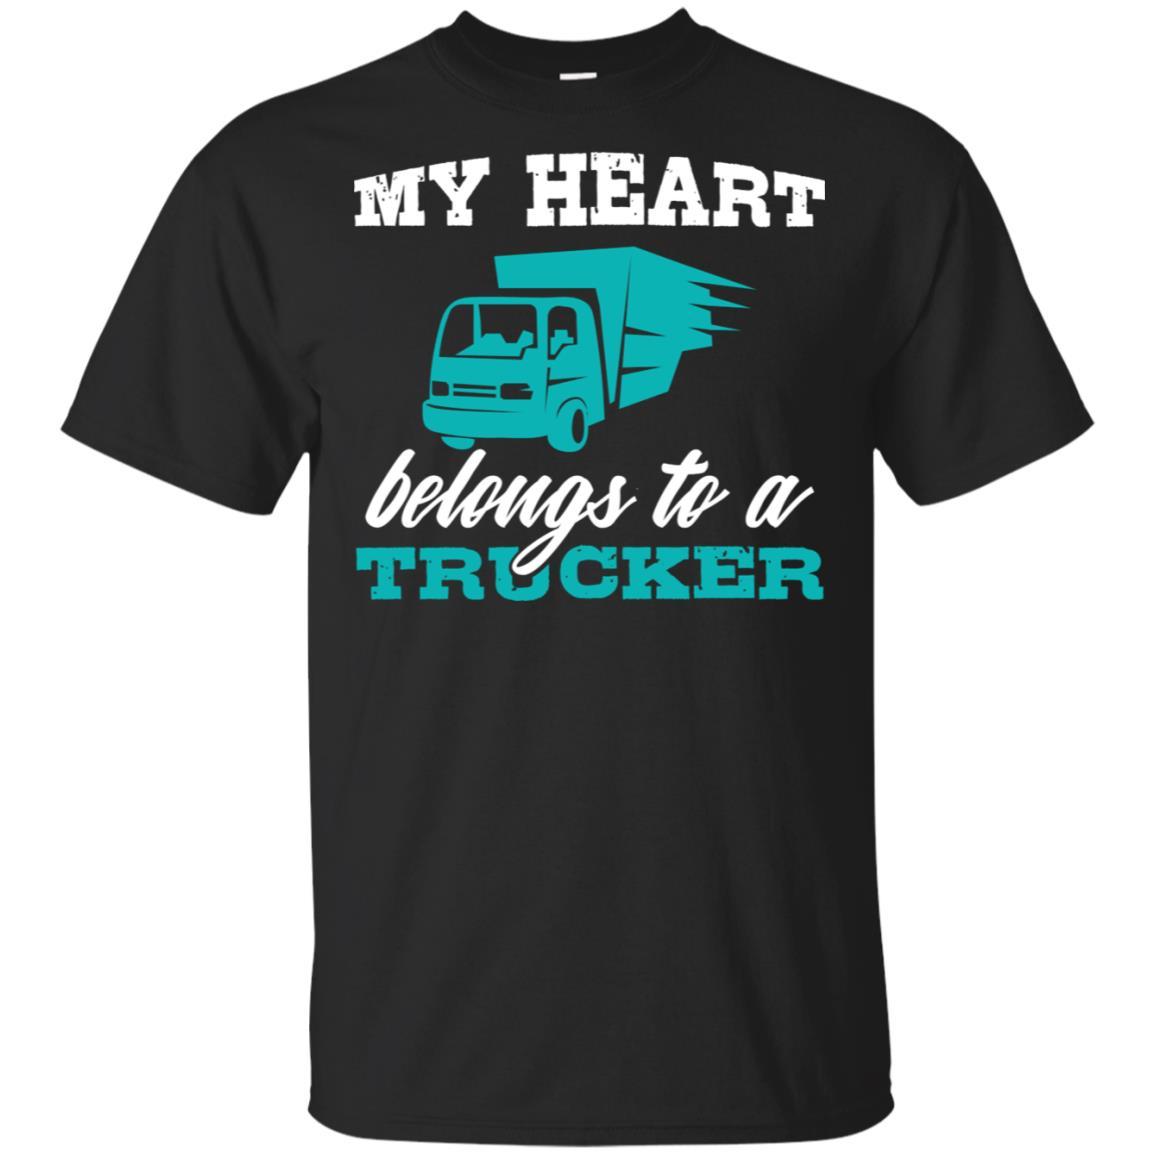 My Heart Belongs to a Trucker Women Wife Girlfriend Unisex Short Sleeve